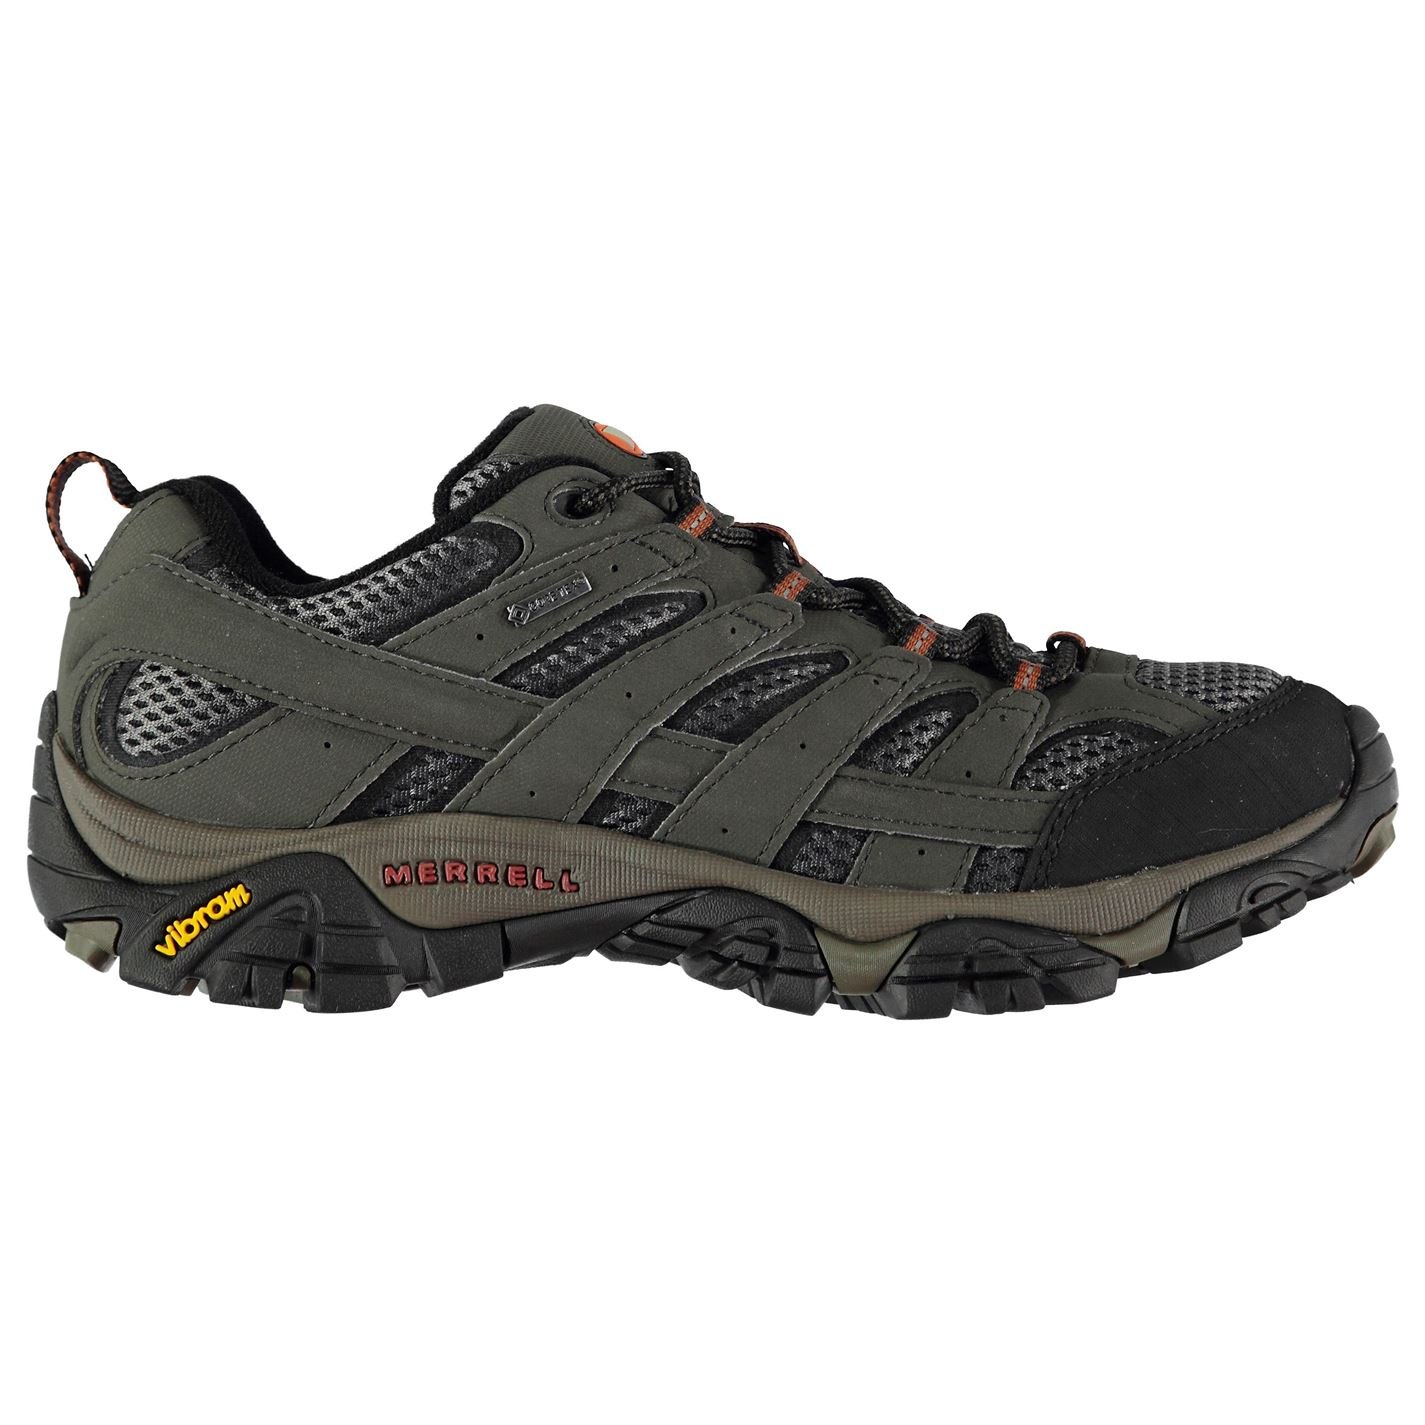 20aeb4a04a2 ... boty Merrell Moab 2 GTX pánské Walking Shoes Beluga. Nové boty ...